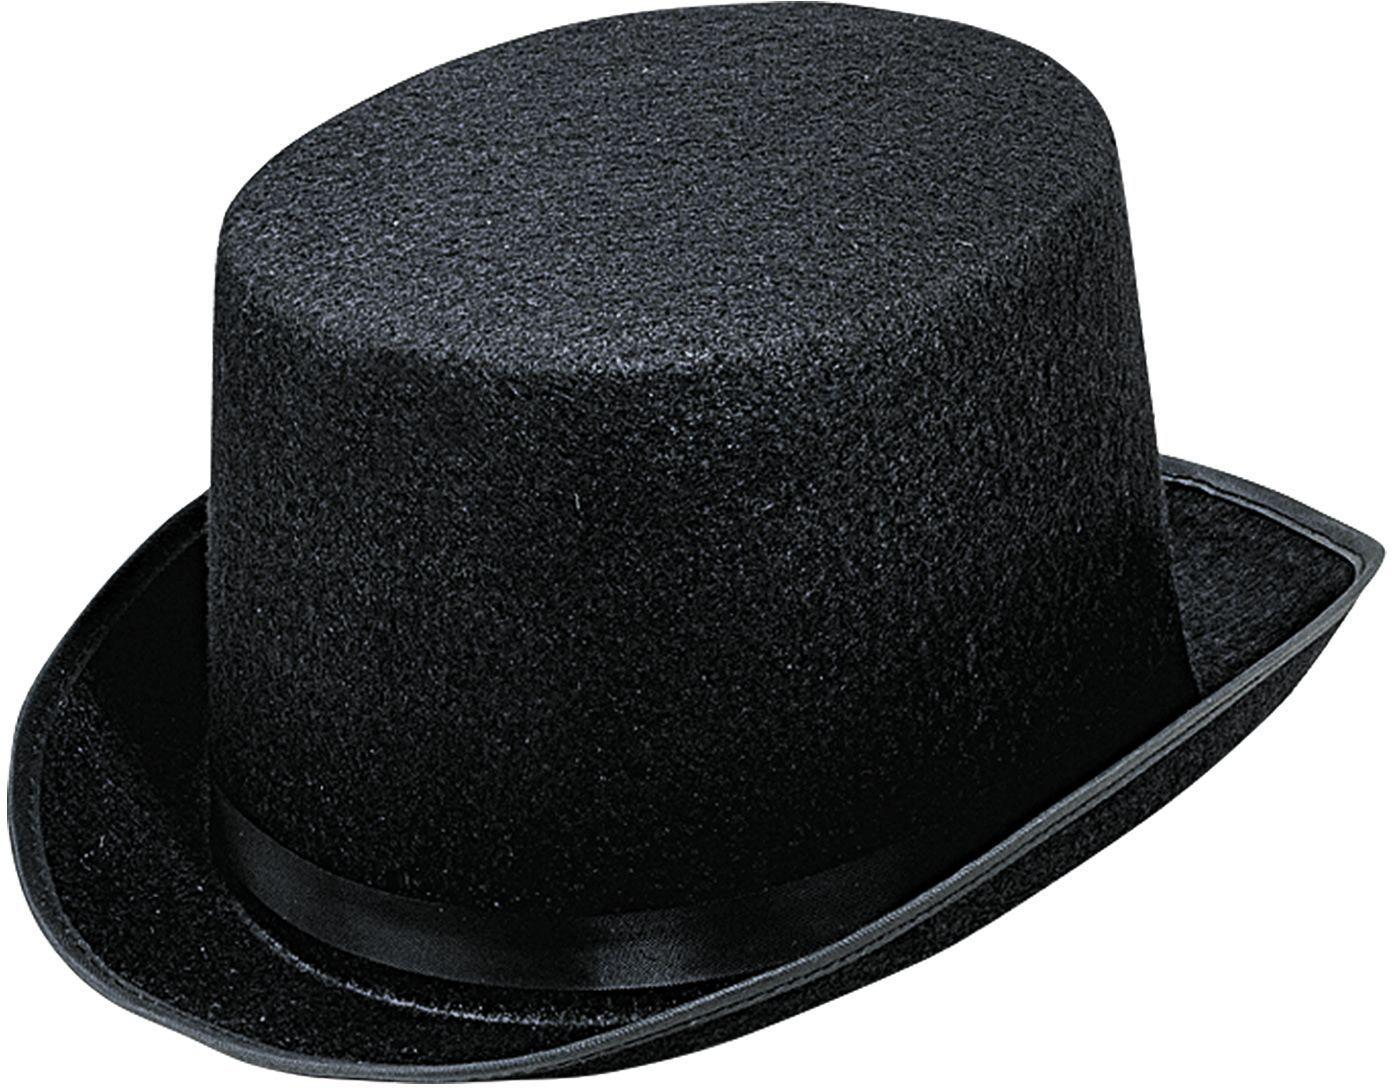 Grote hoge hoed zwart